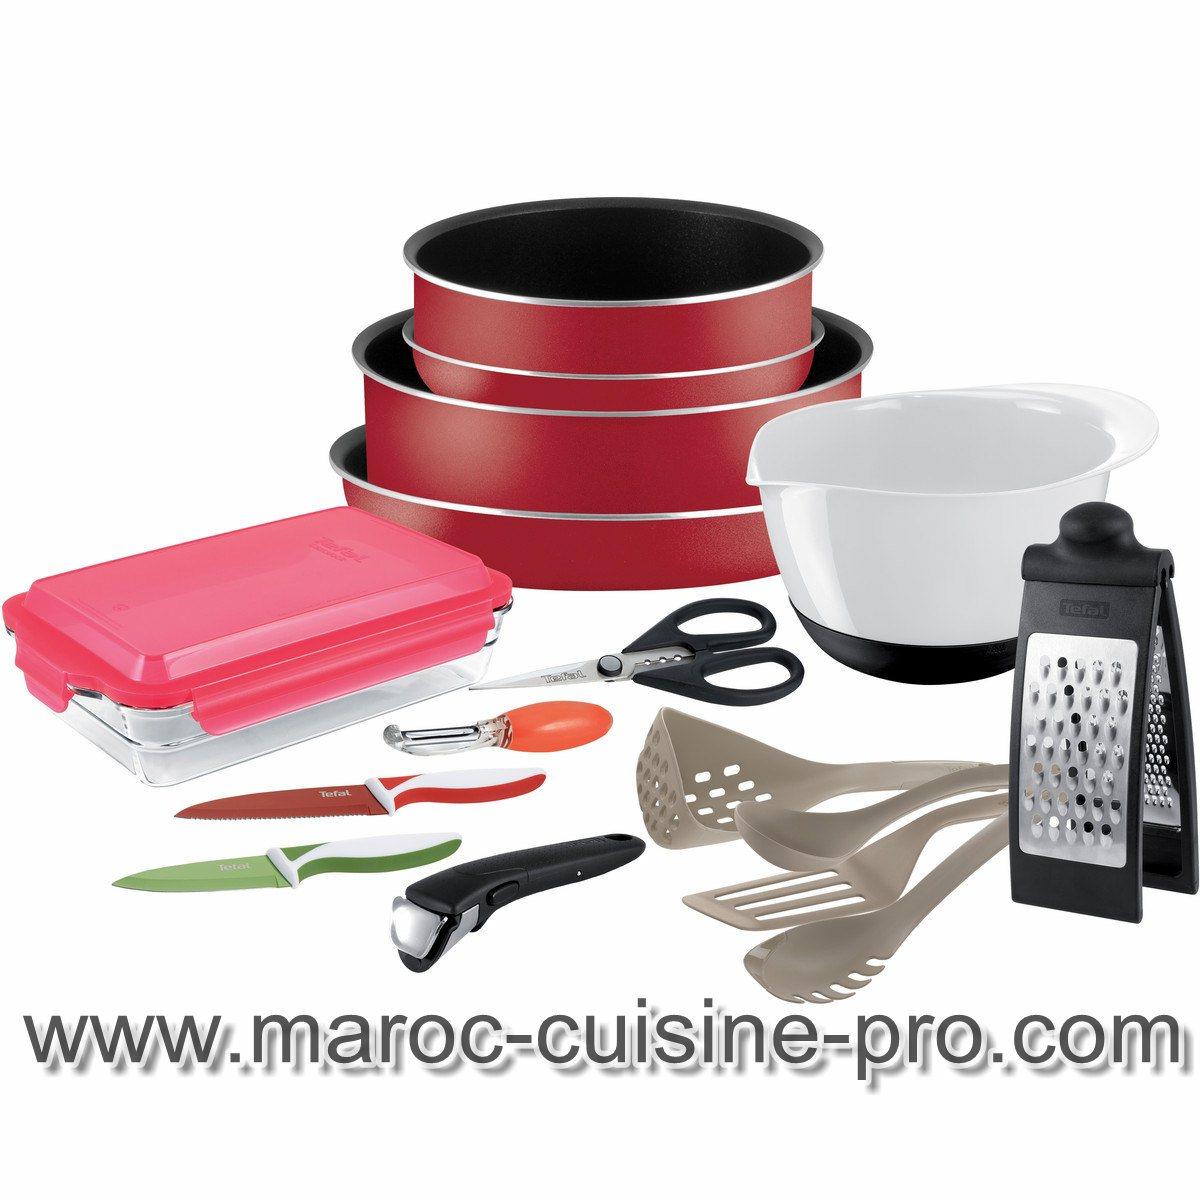 Quipement accessoires vaisselle de cuisine pro au maroc for Vaisselle de cuisine